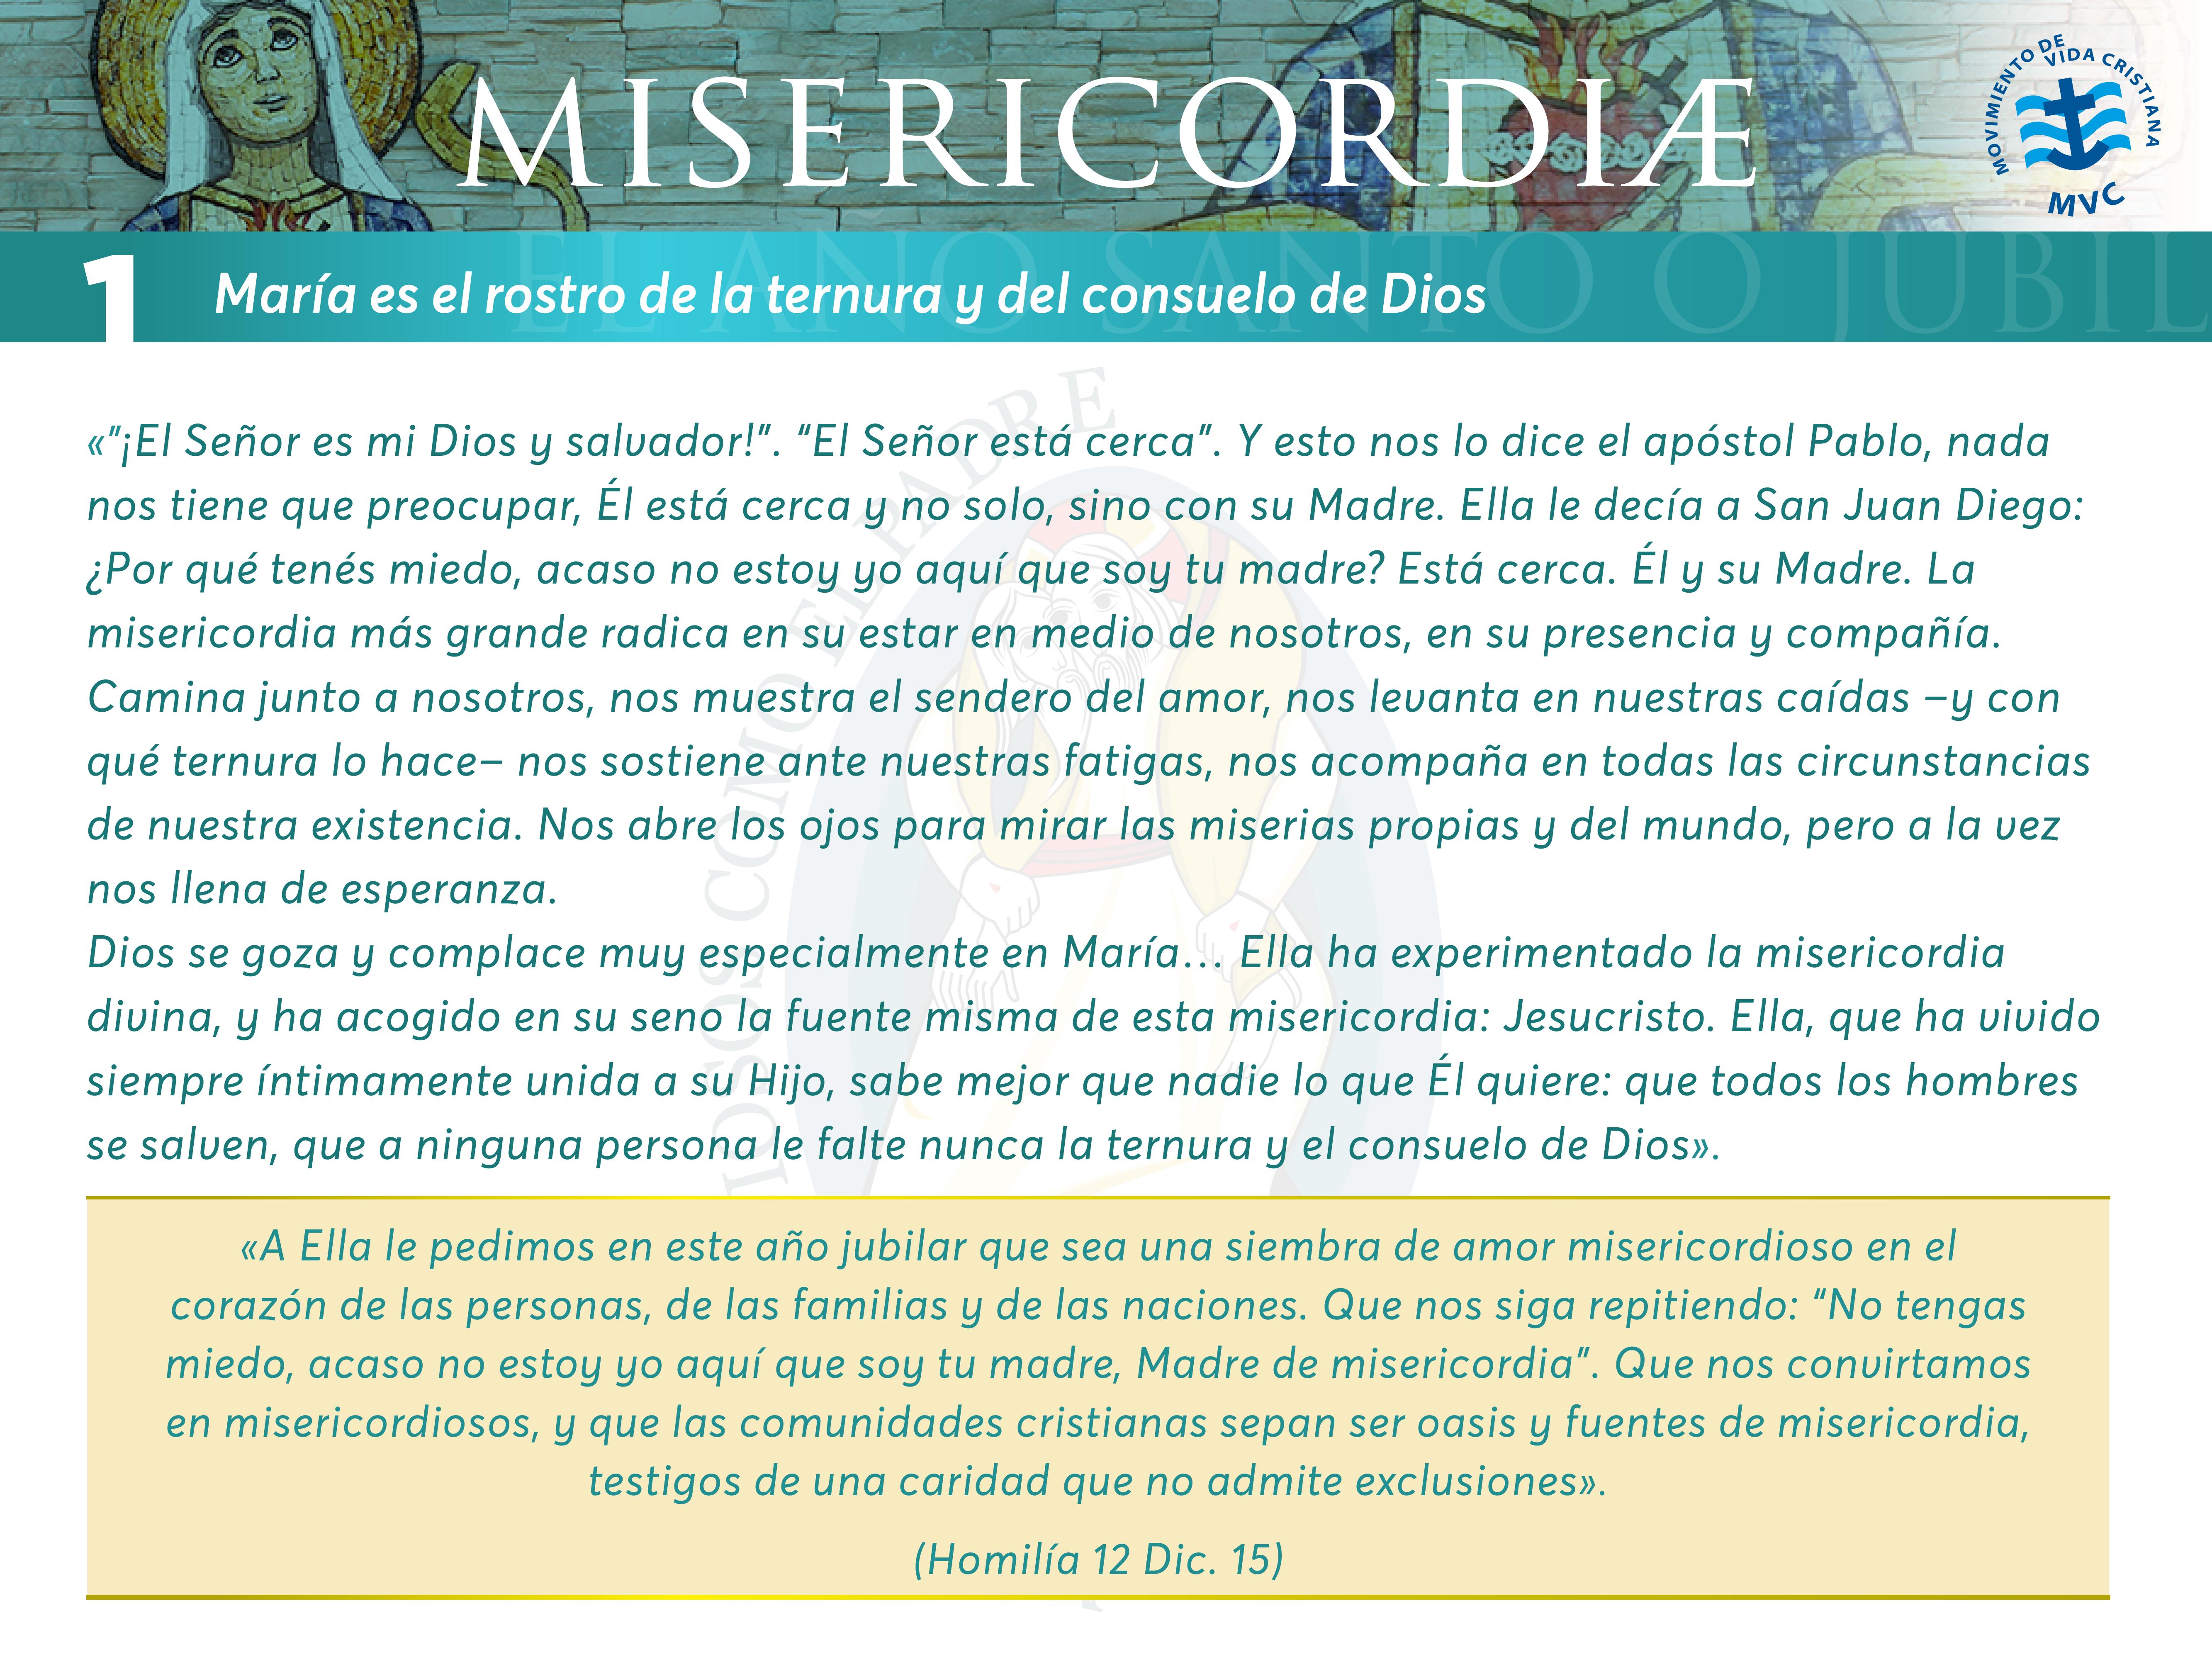 Misericordiae 5-02